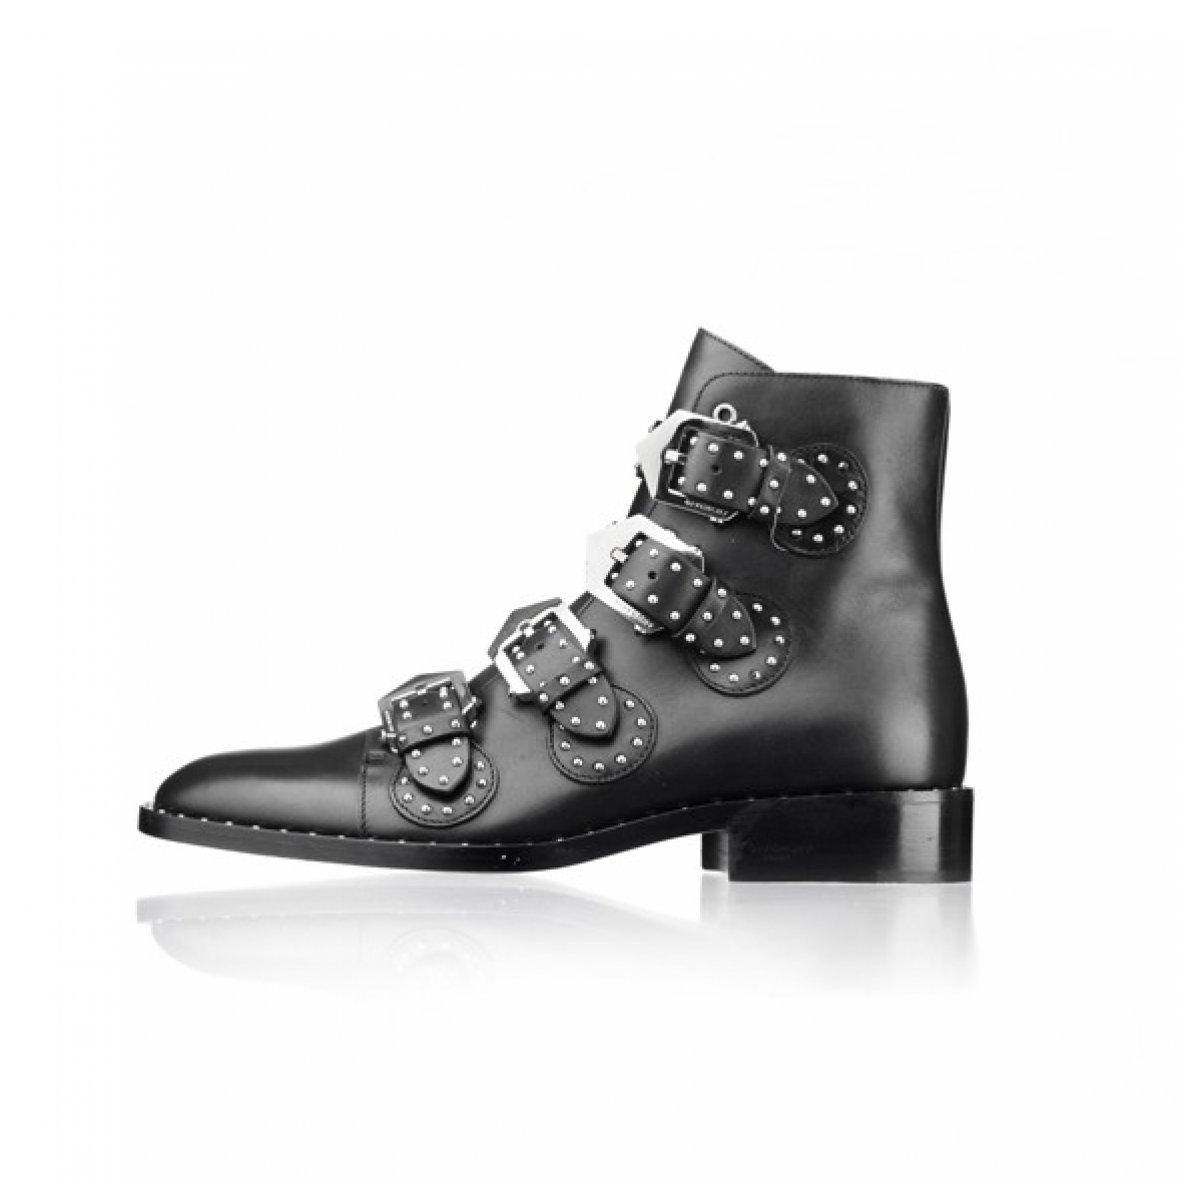 givenchy støvler sort læder